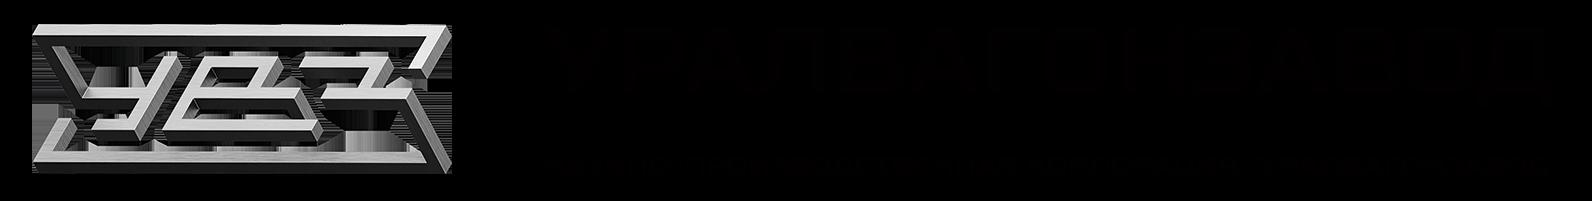 ural-vagon-zavod